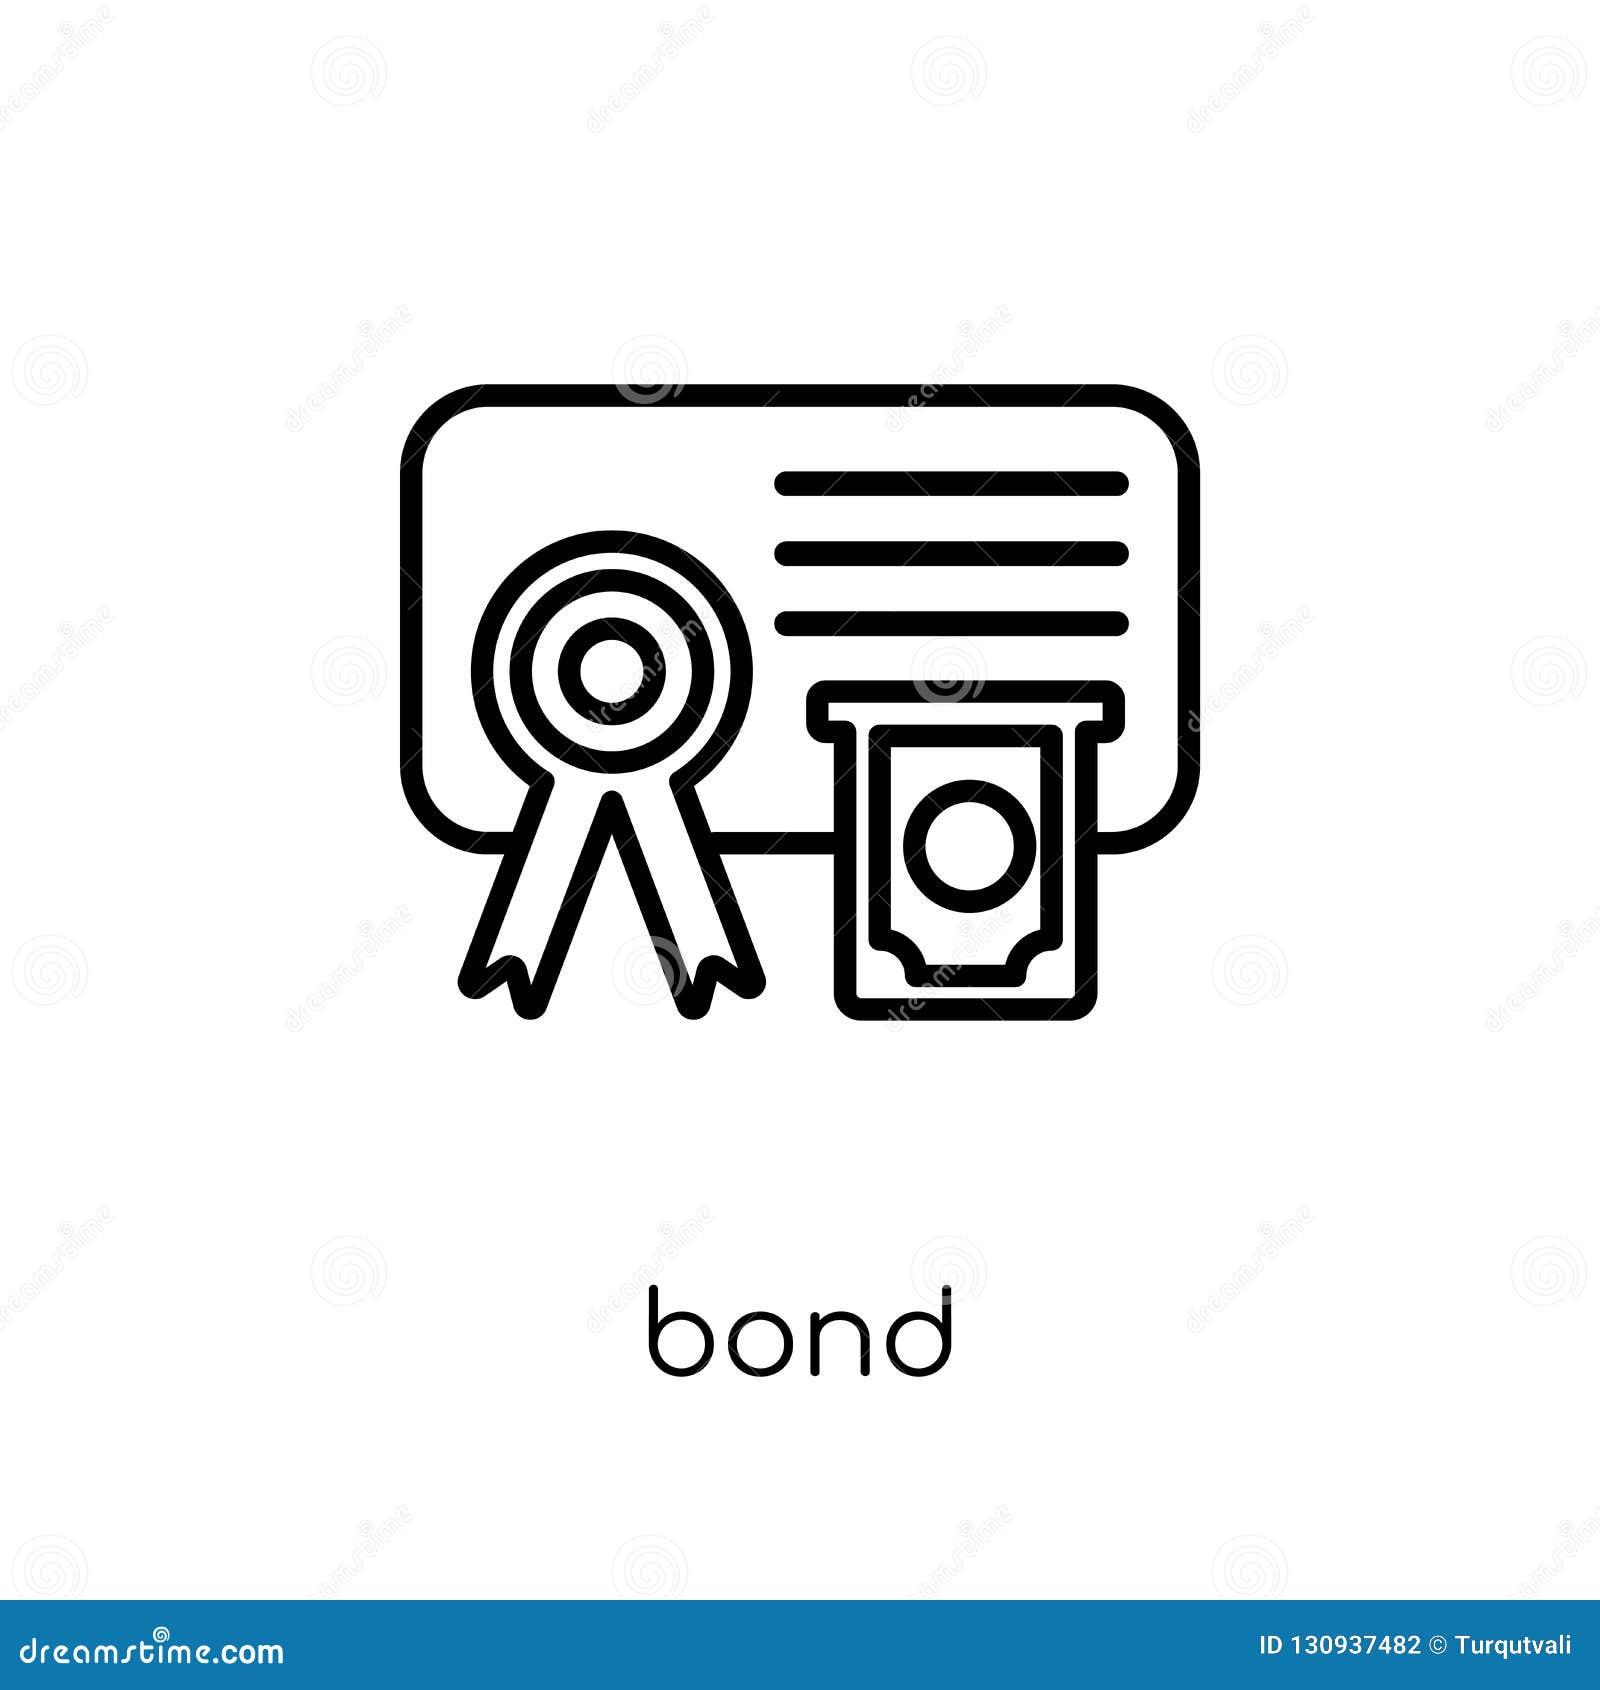 Icono en enlace de la colección en enlace